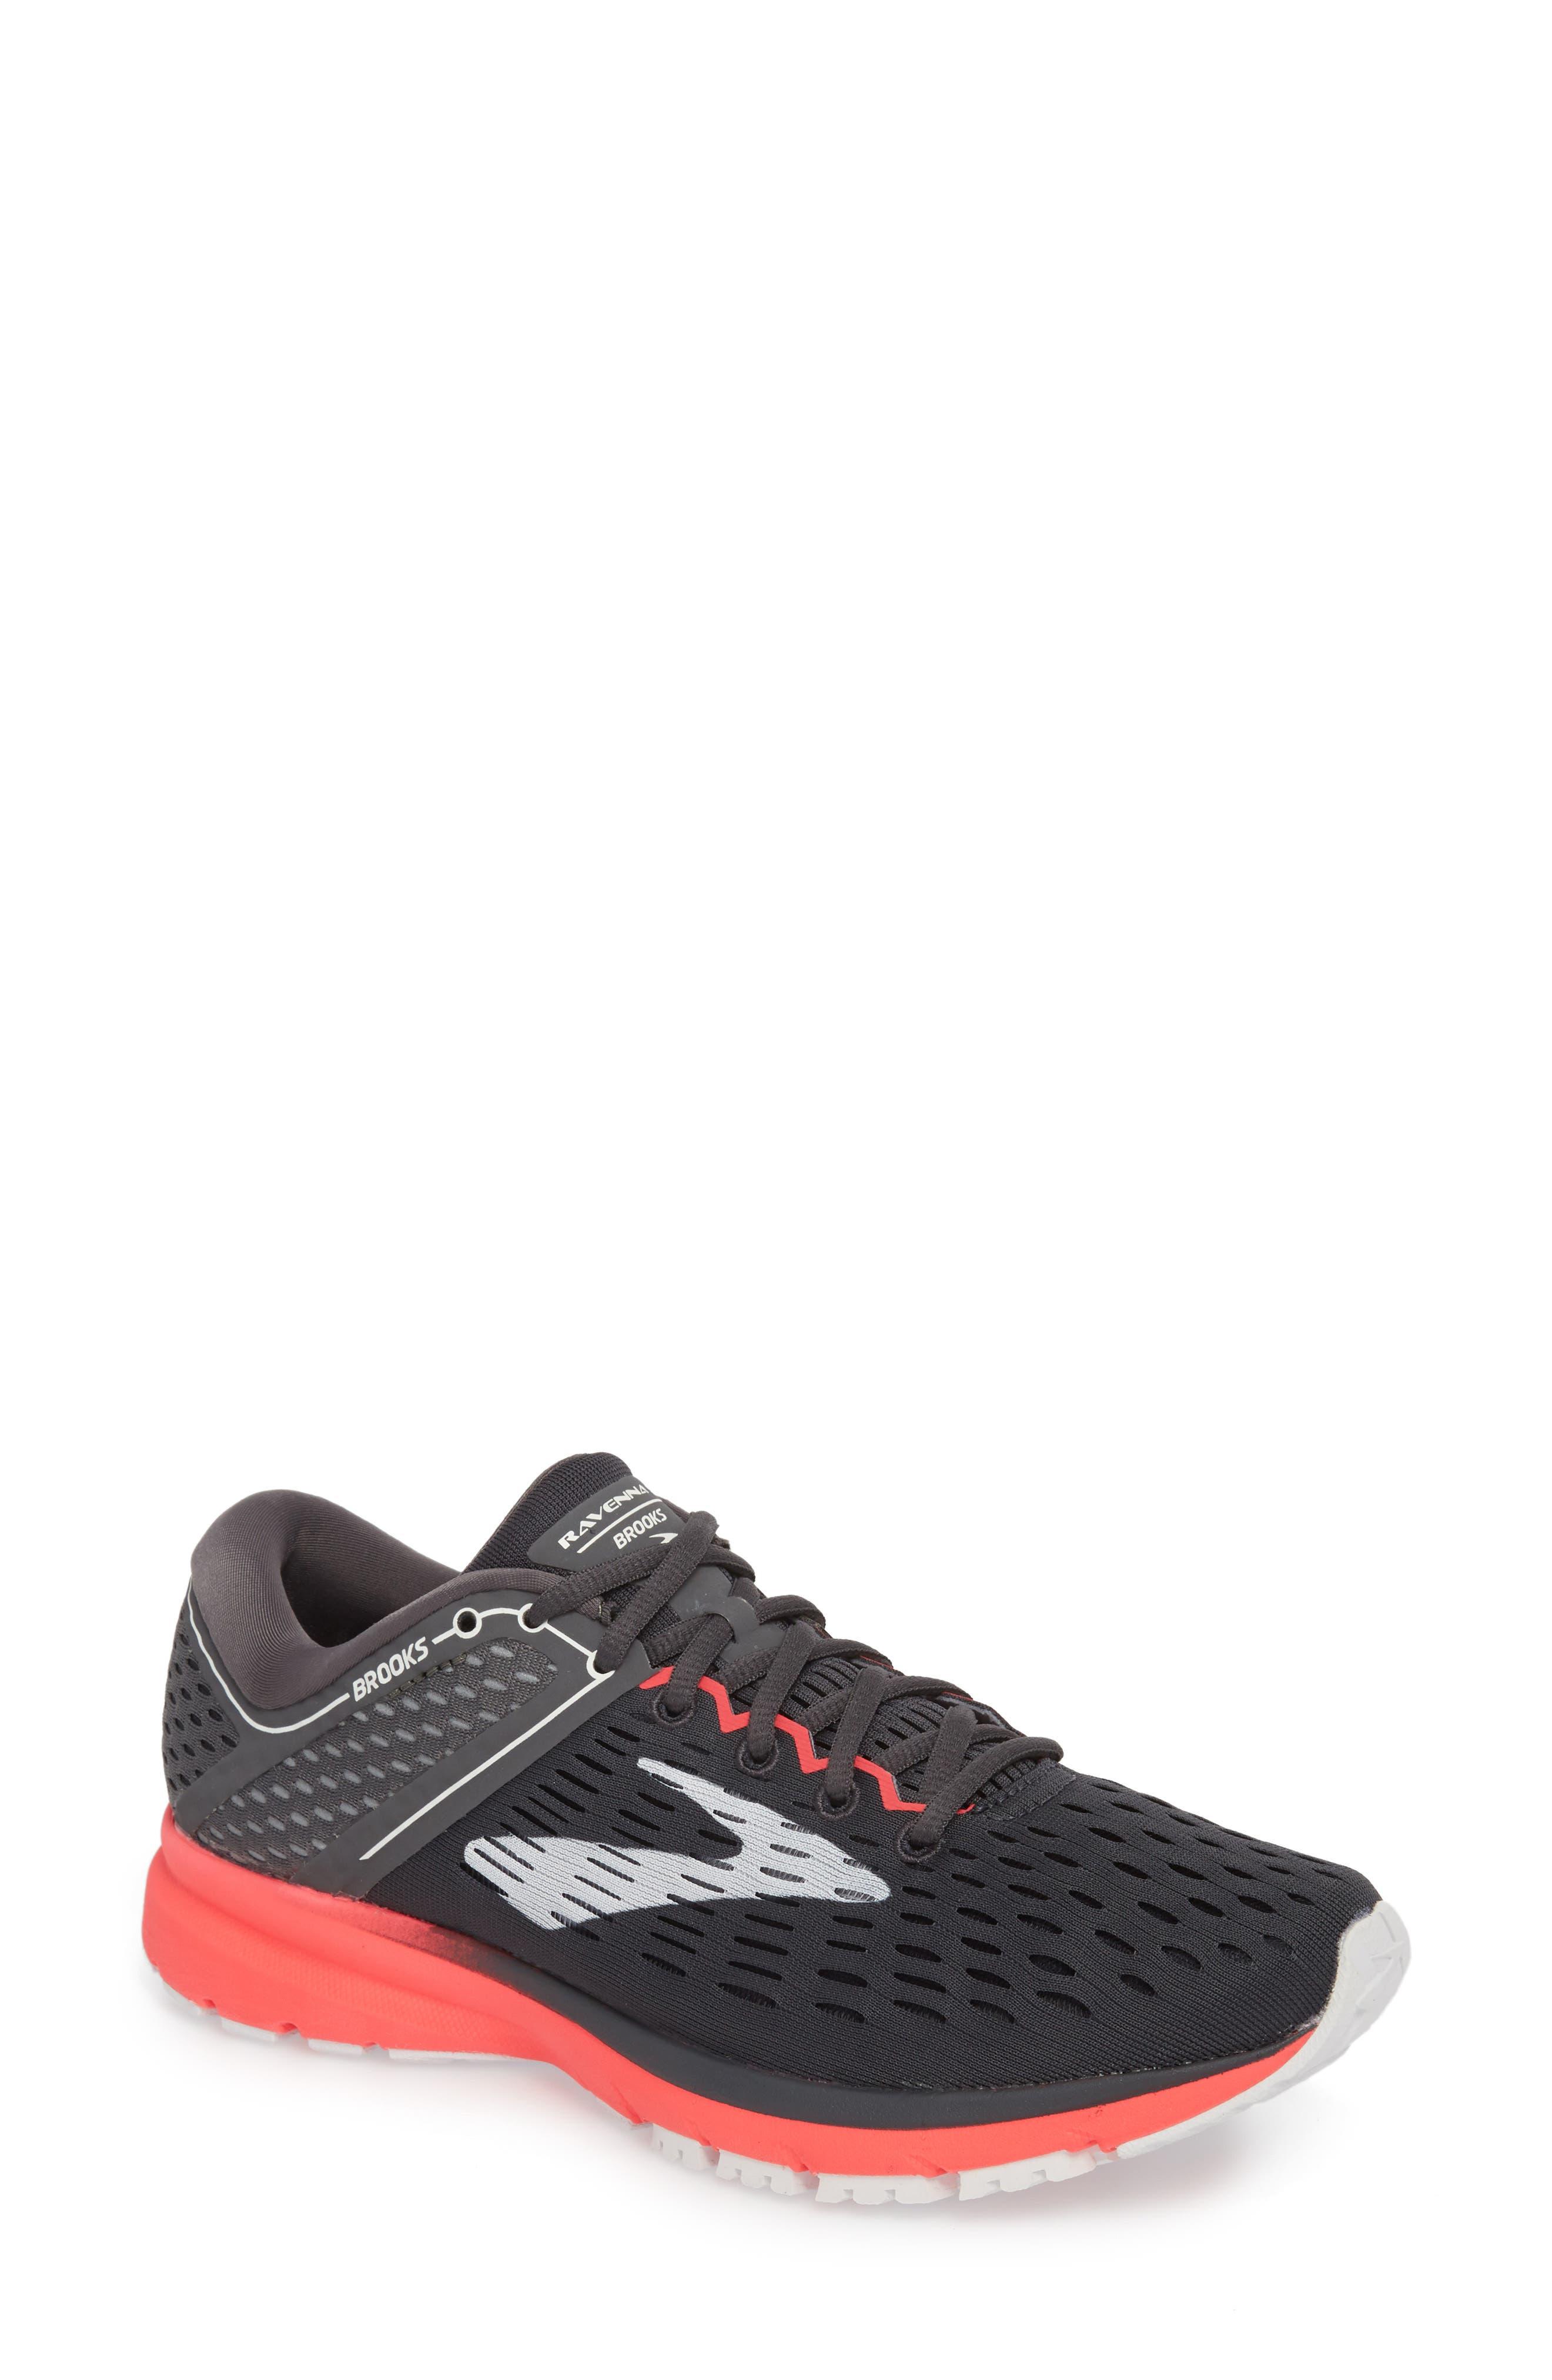 Ravenna 9 Running Shoe,                             Main thumbnail 1, color,                             EBONY/ DIVA PINK/ WHITE